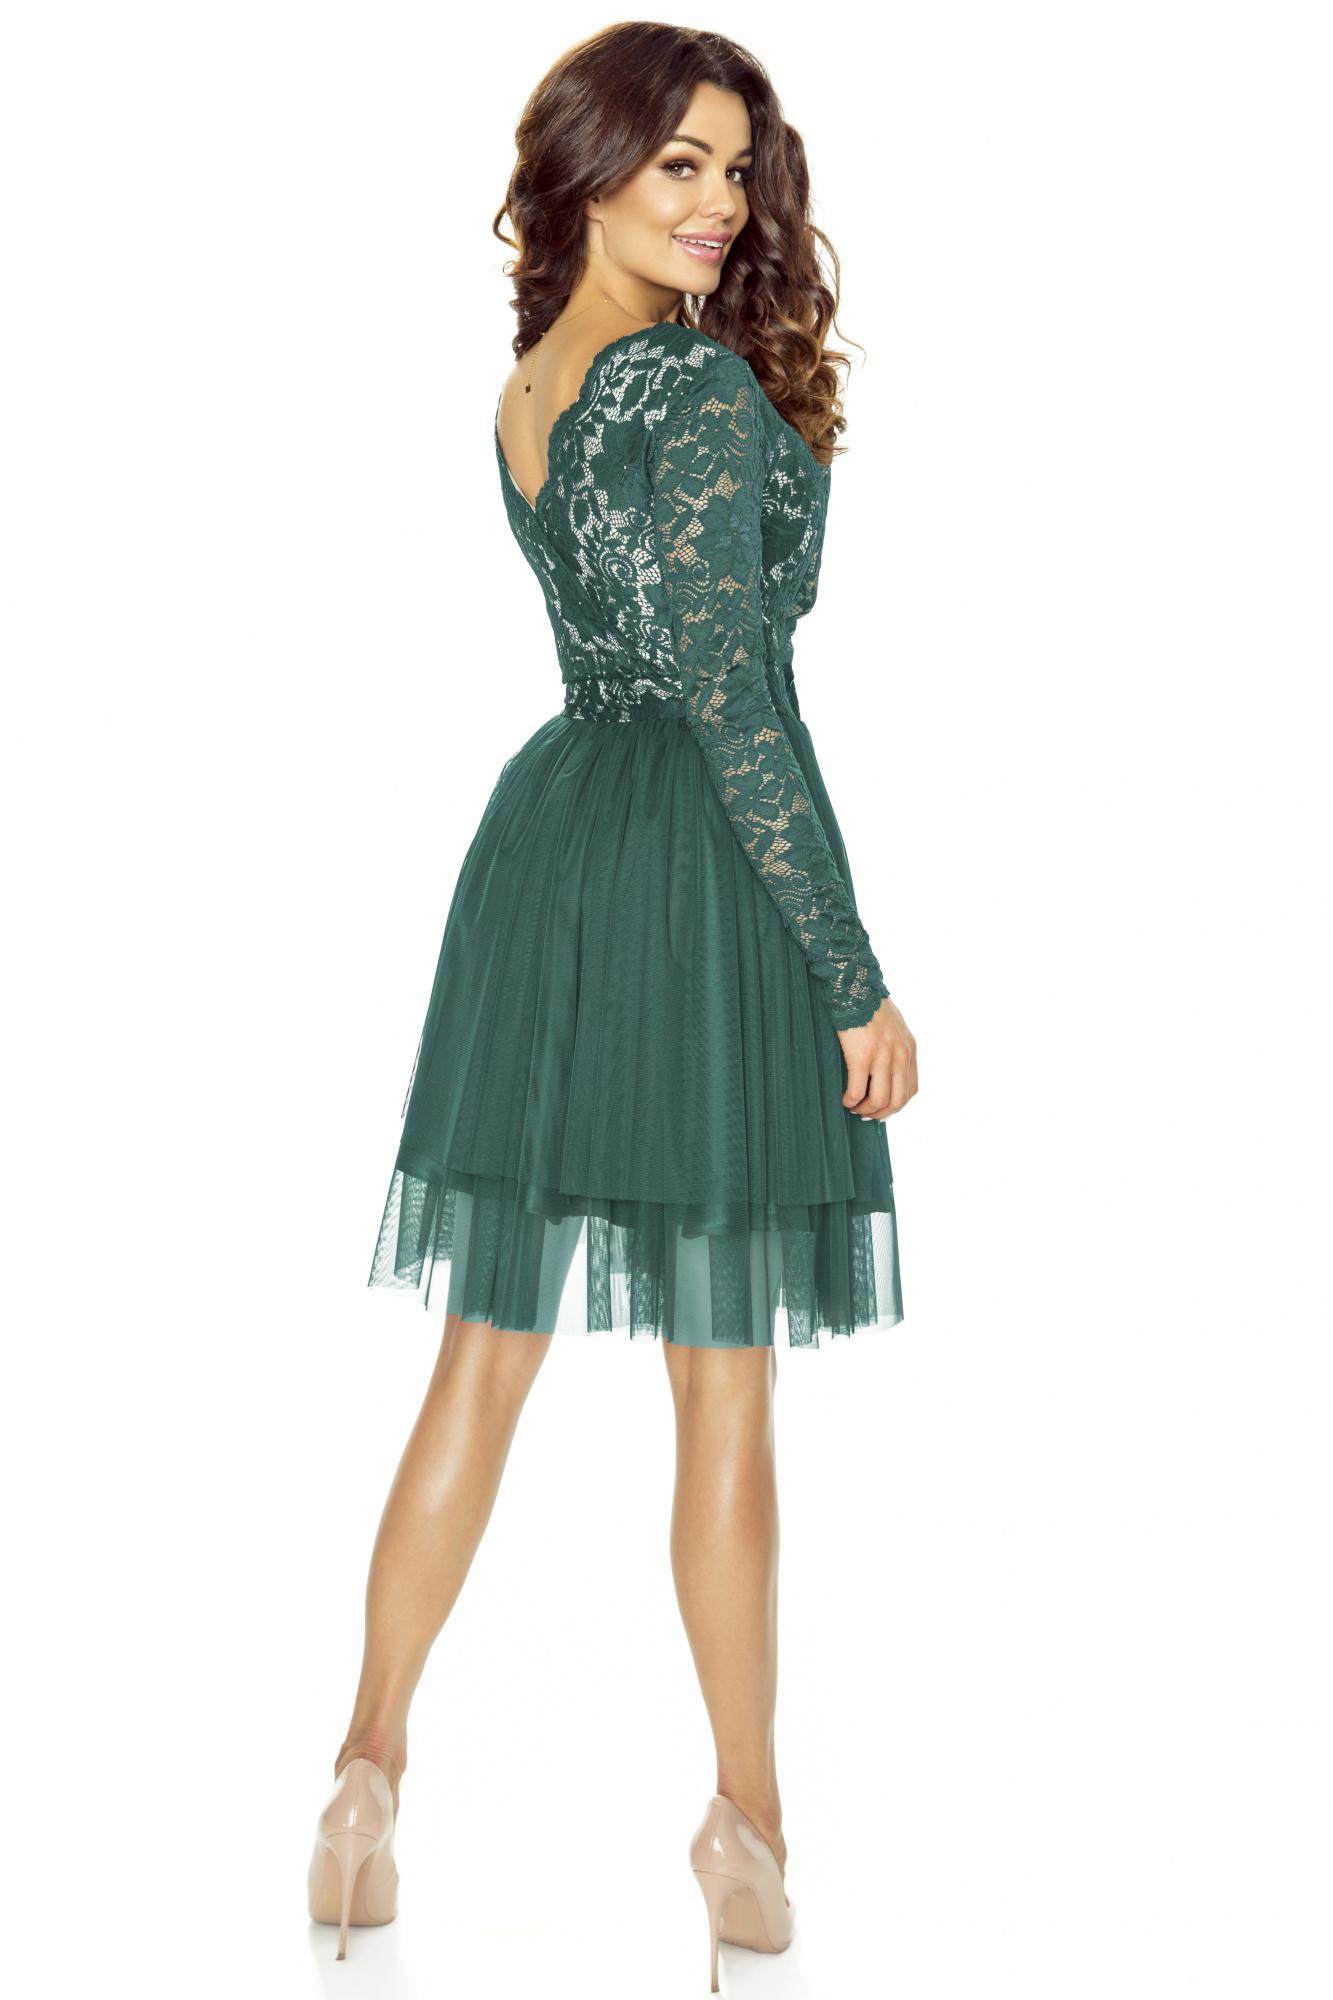 Sukienka wieczorowa z tiulu i koronki km242 3 ❤ Kartes